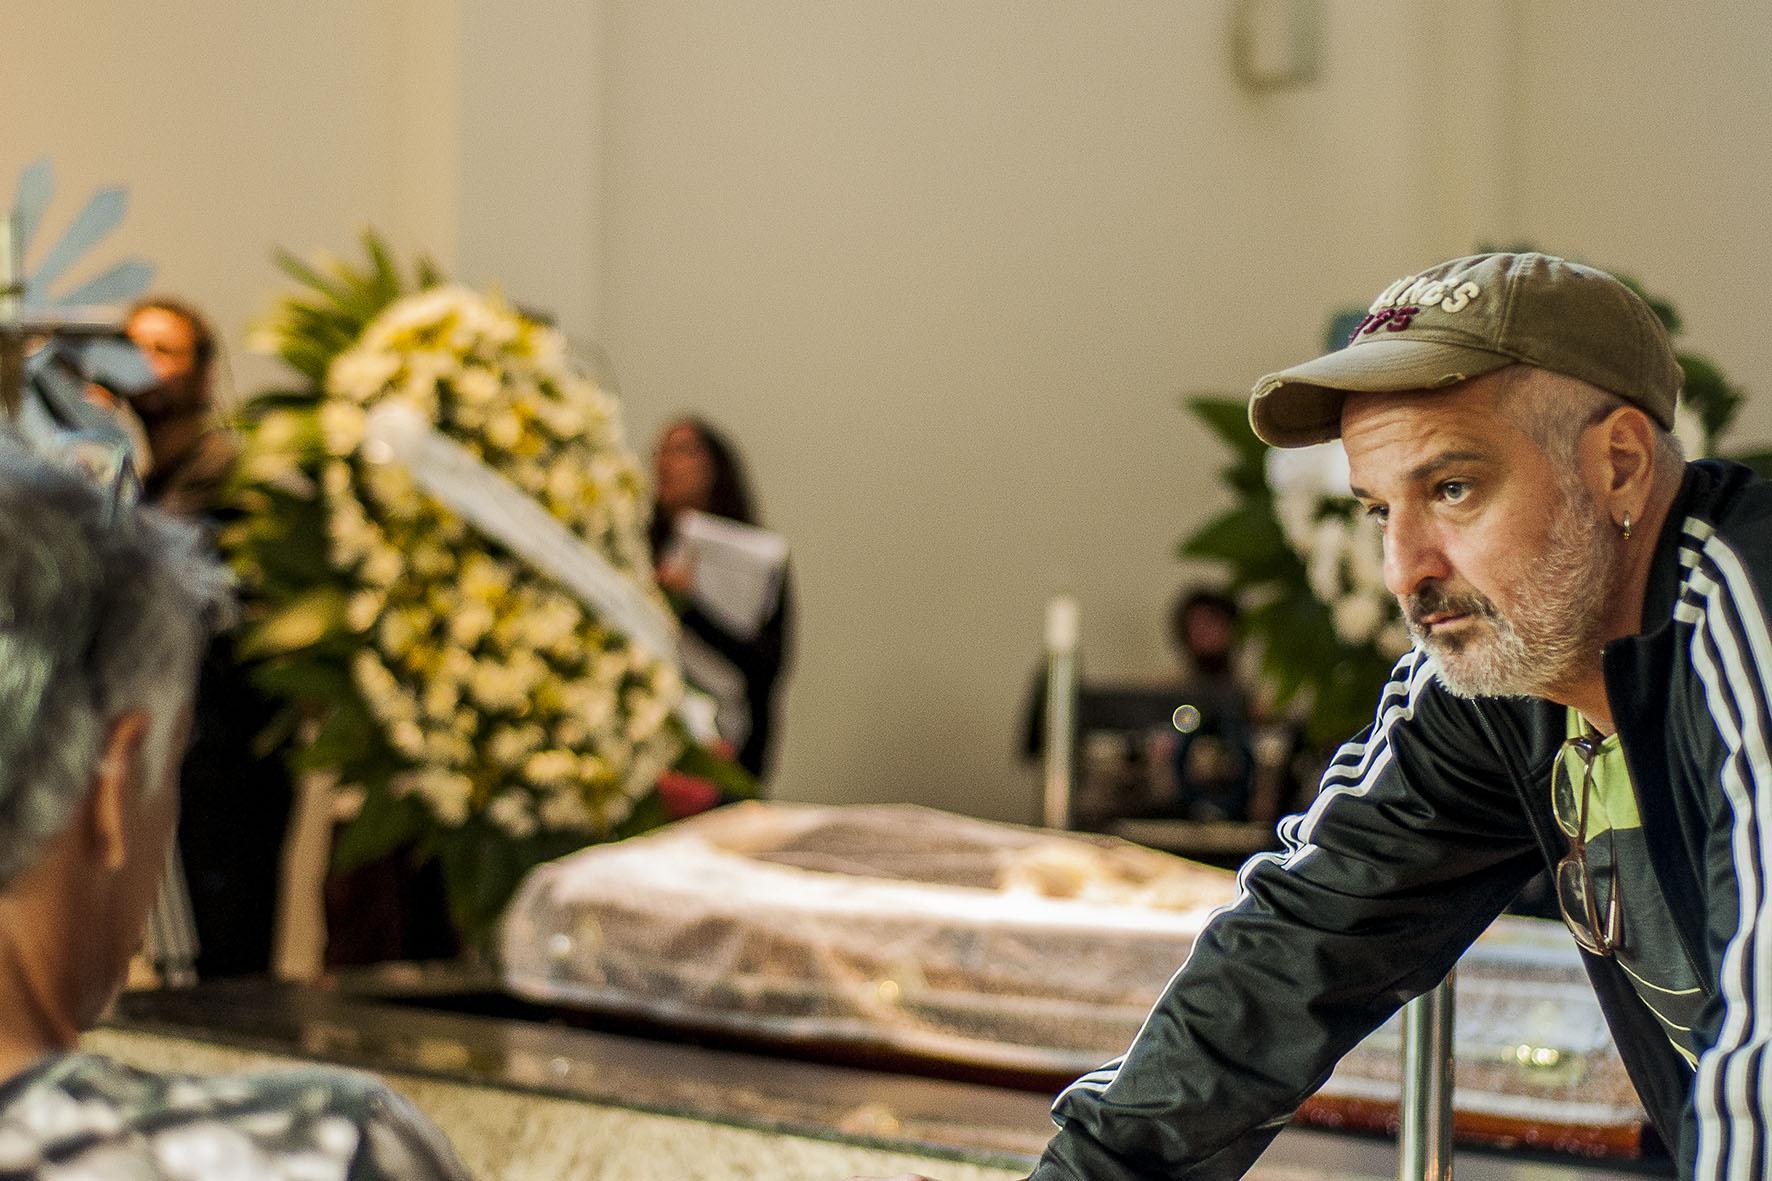 Foto de Lírio Ferreira. O diretor está no canto direito da imagem, projetado parcialmente na foto. O foco está nele, desfocando todo o resto. De fundo, é possível ver o cenário de um enterro, com um caixão e muitas flores.